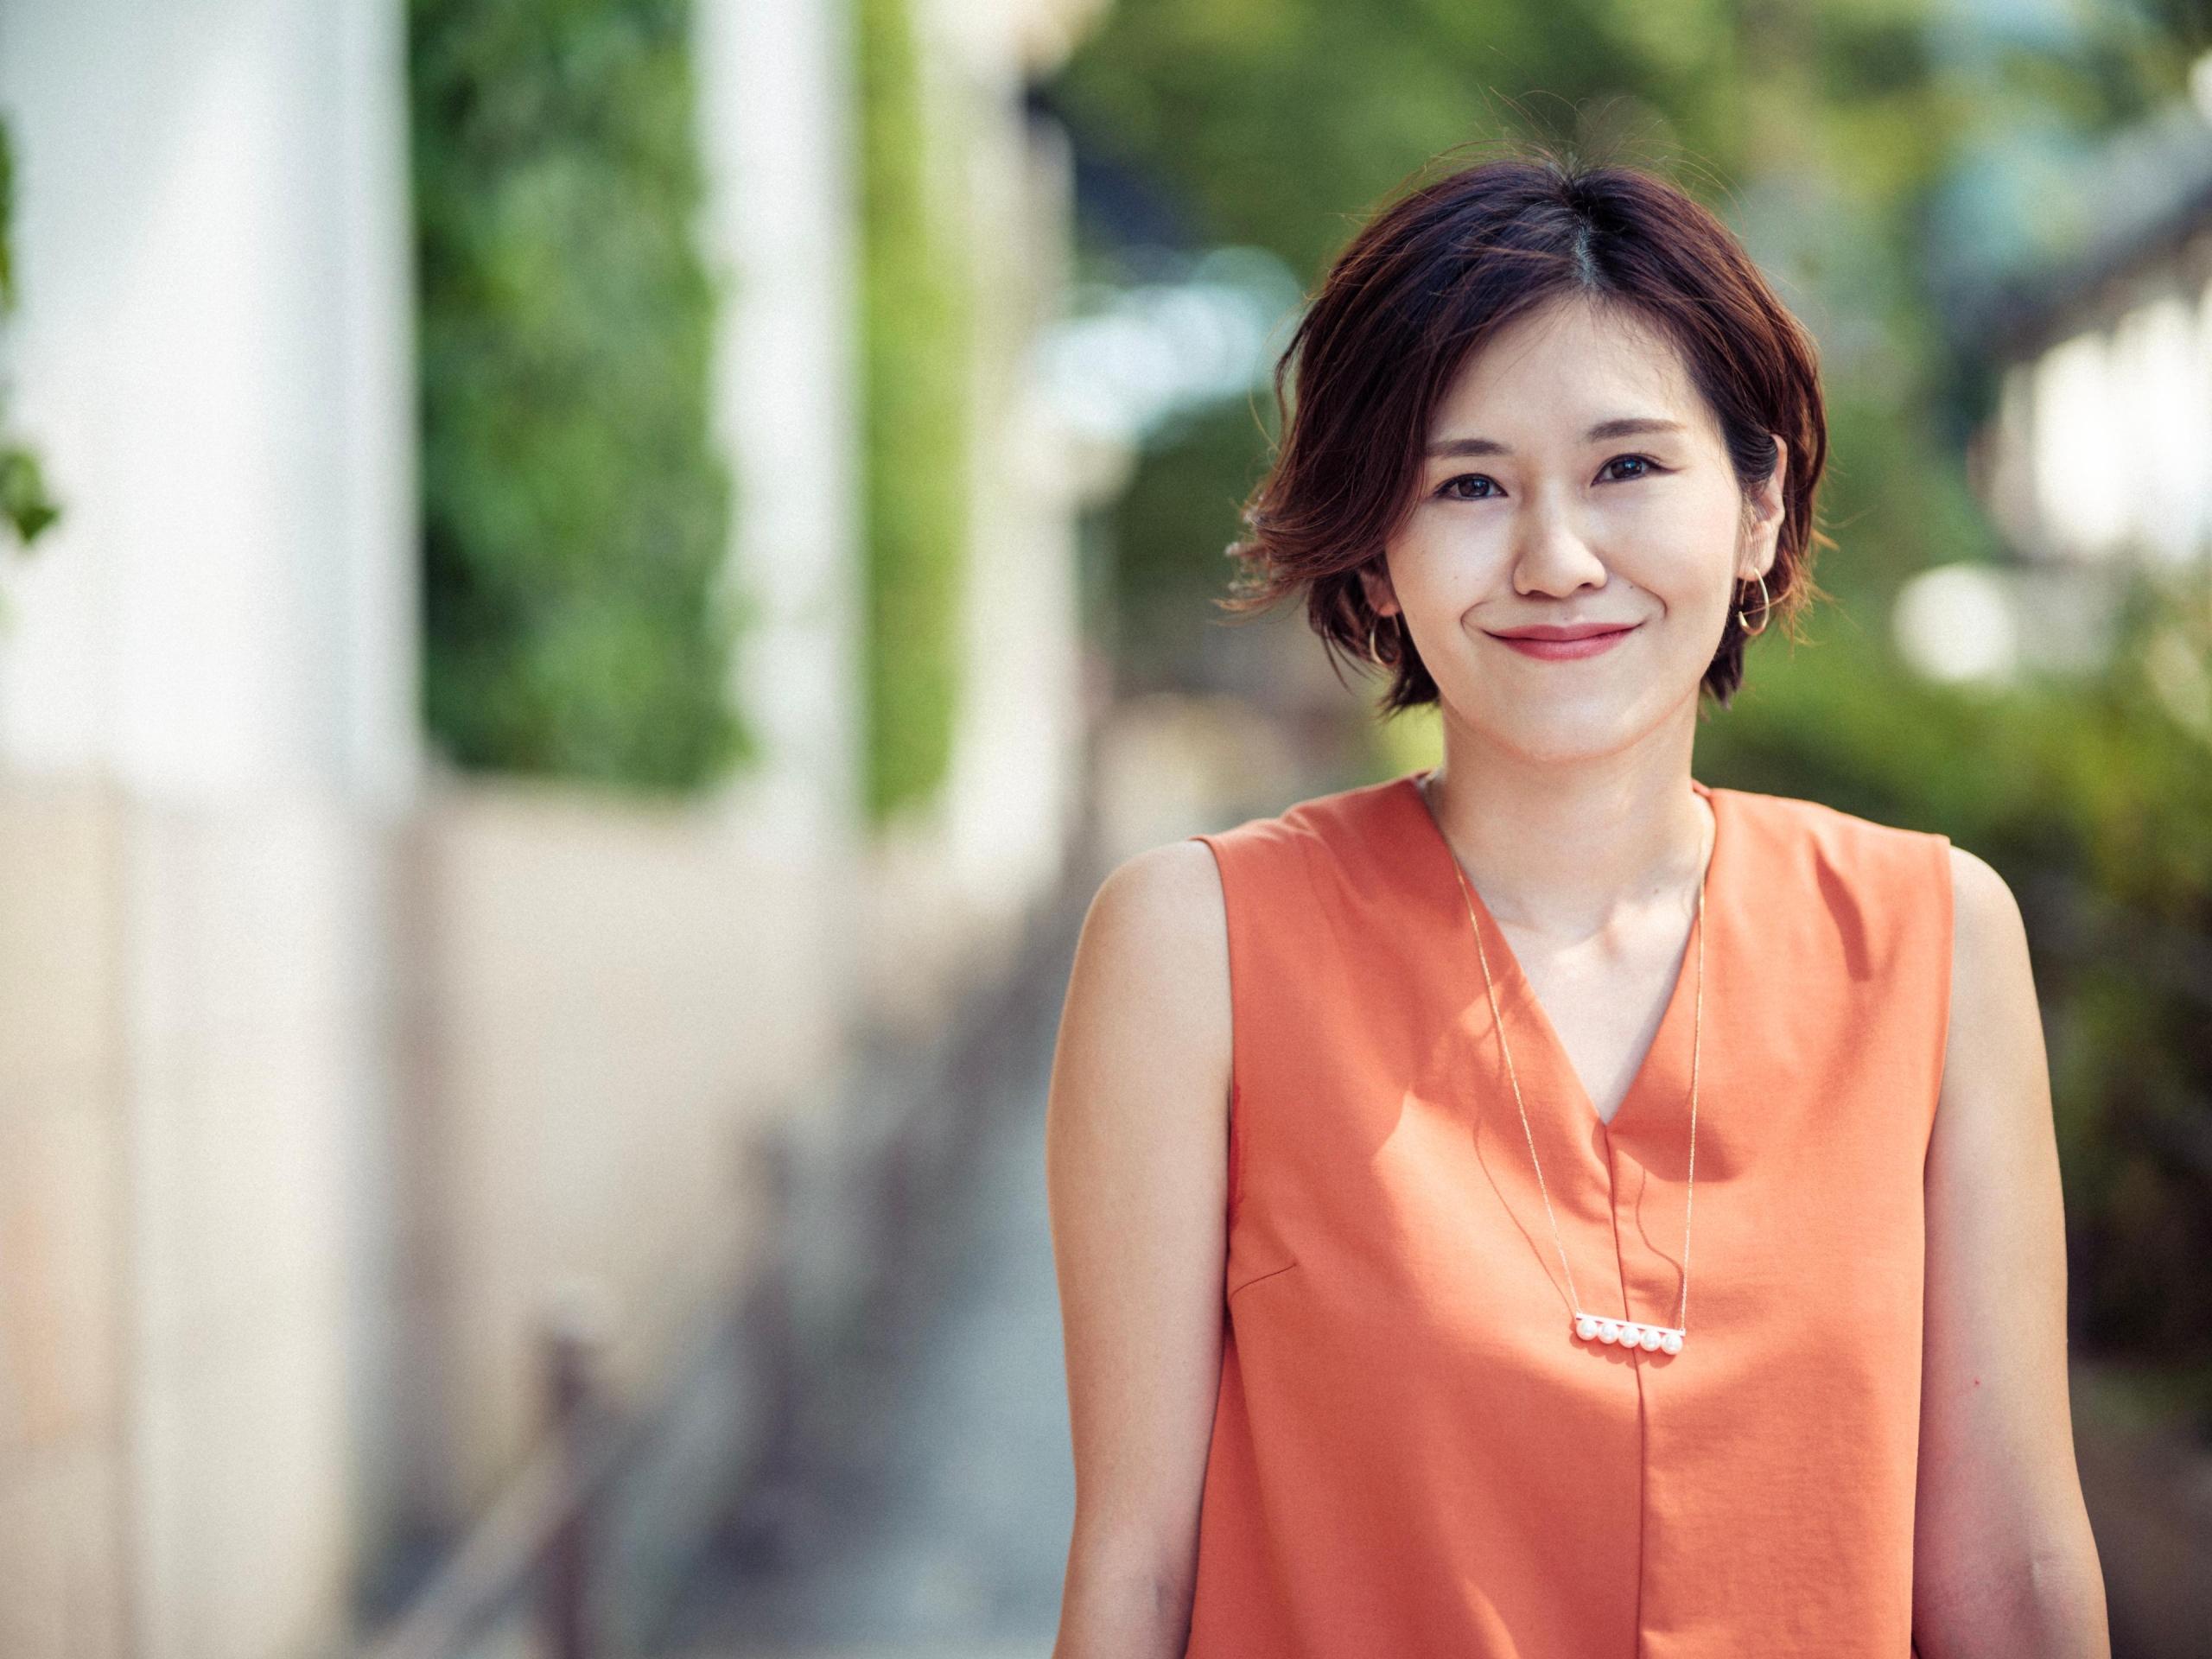 NHKからIT企業・サイボウズを経て、PR会社・LITAの経営に携わる三木佳世子さん。